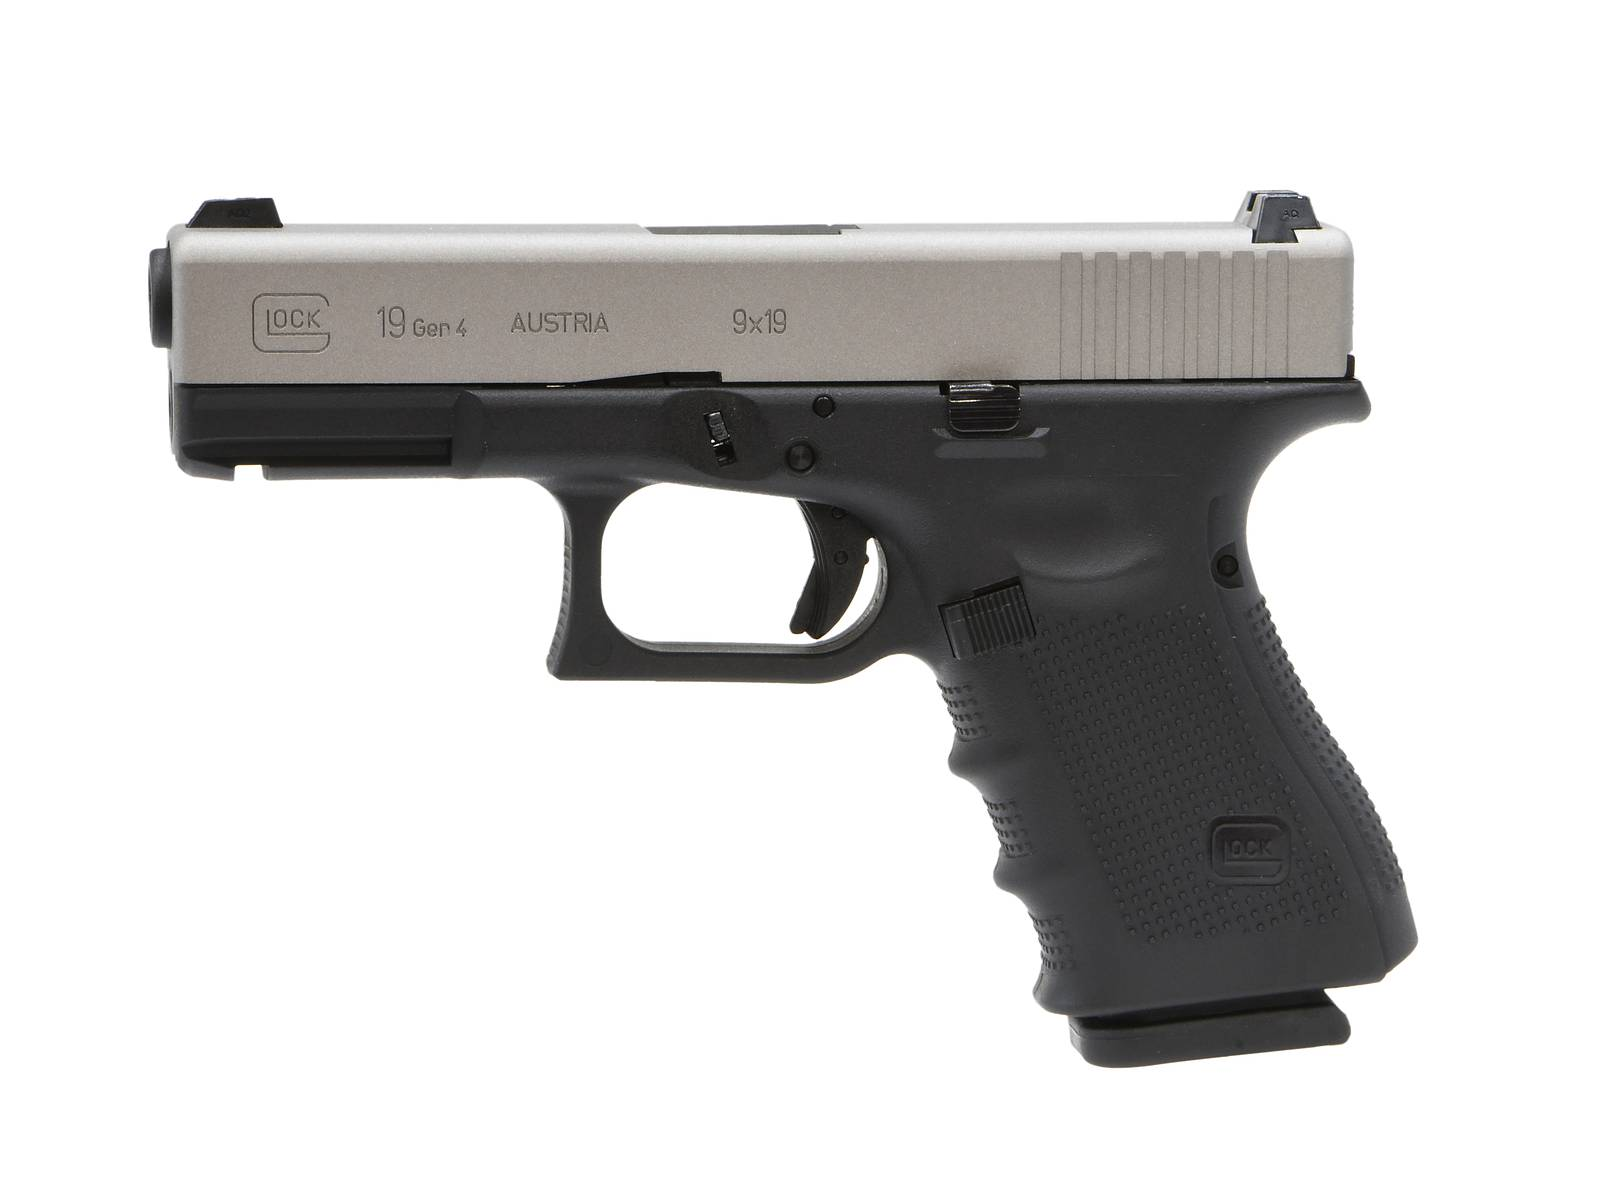 Umarex GlockAirsoft G19 Gen.4 GBBハンドガン (SavageStainless) [Cerakote Limited]